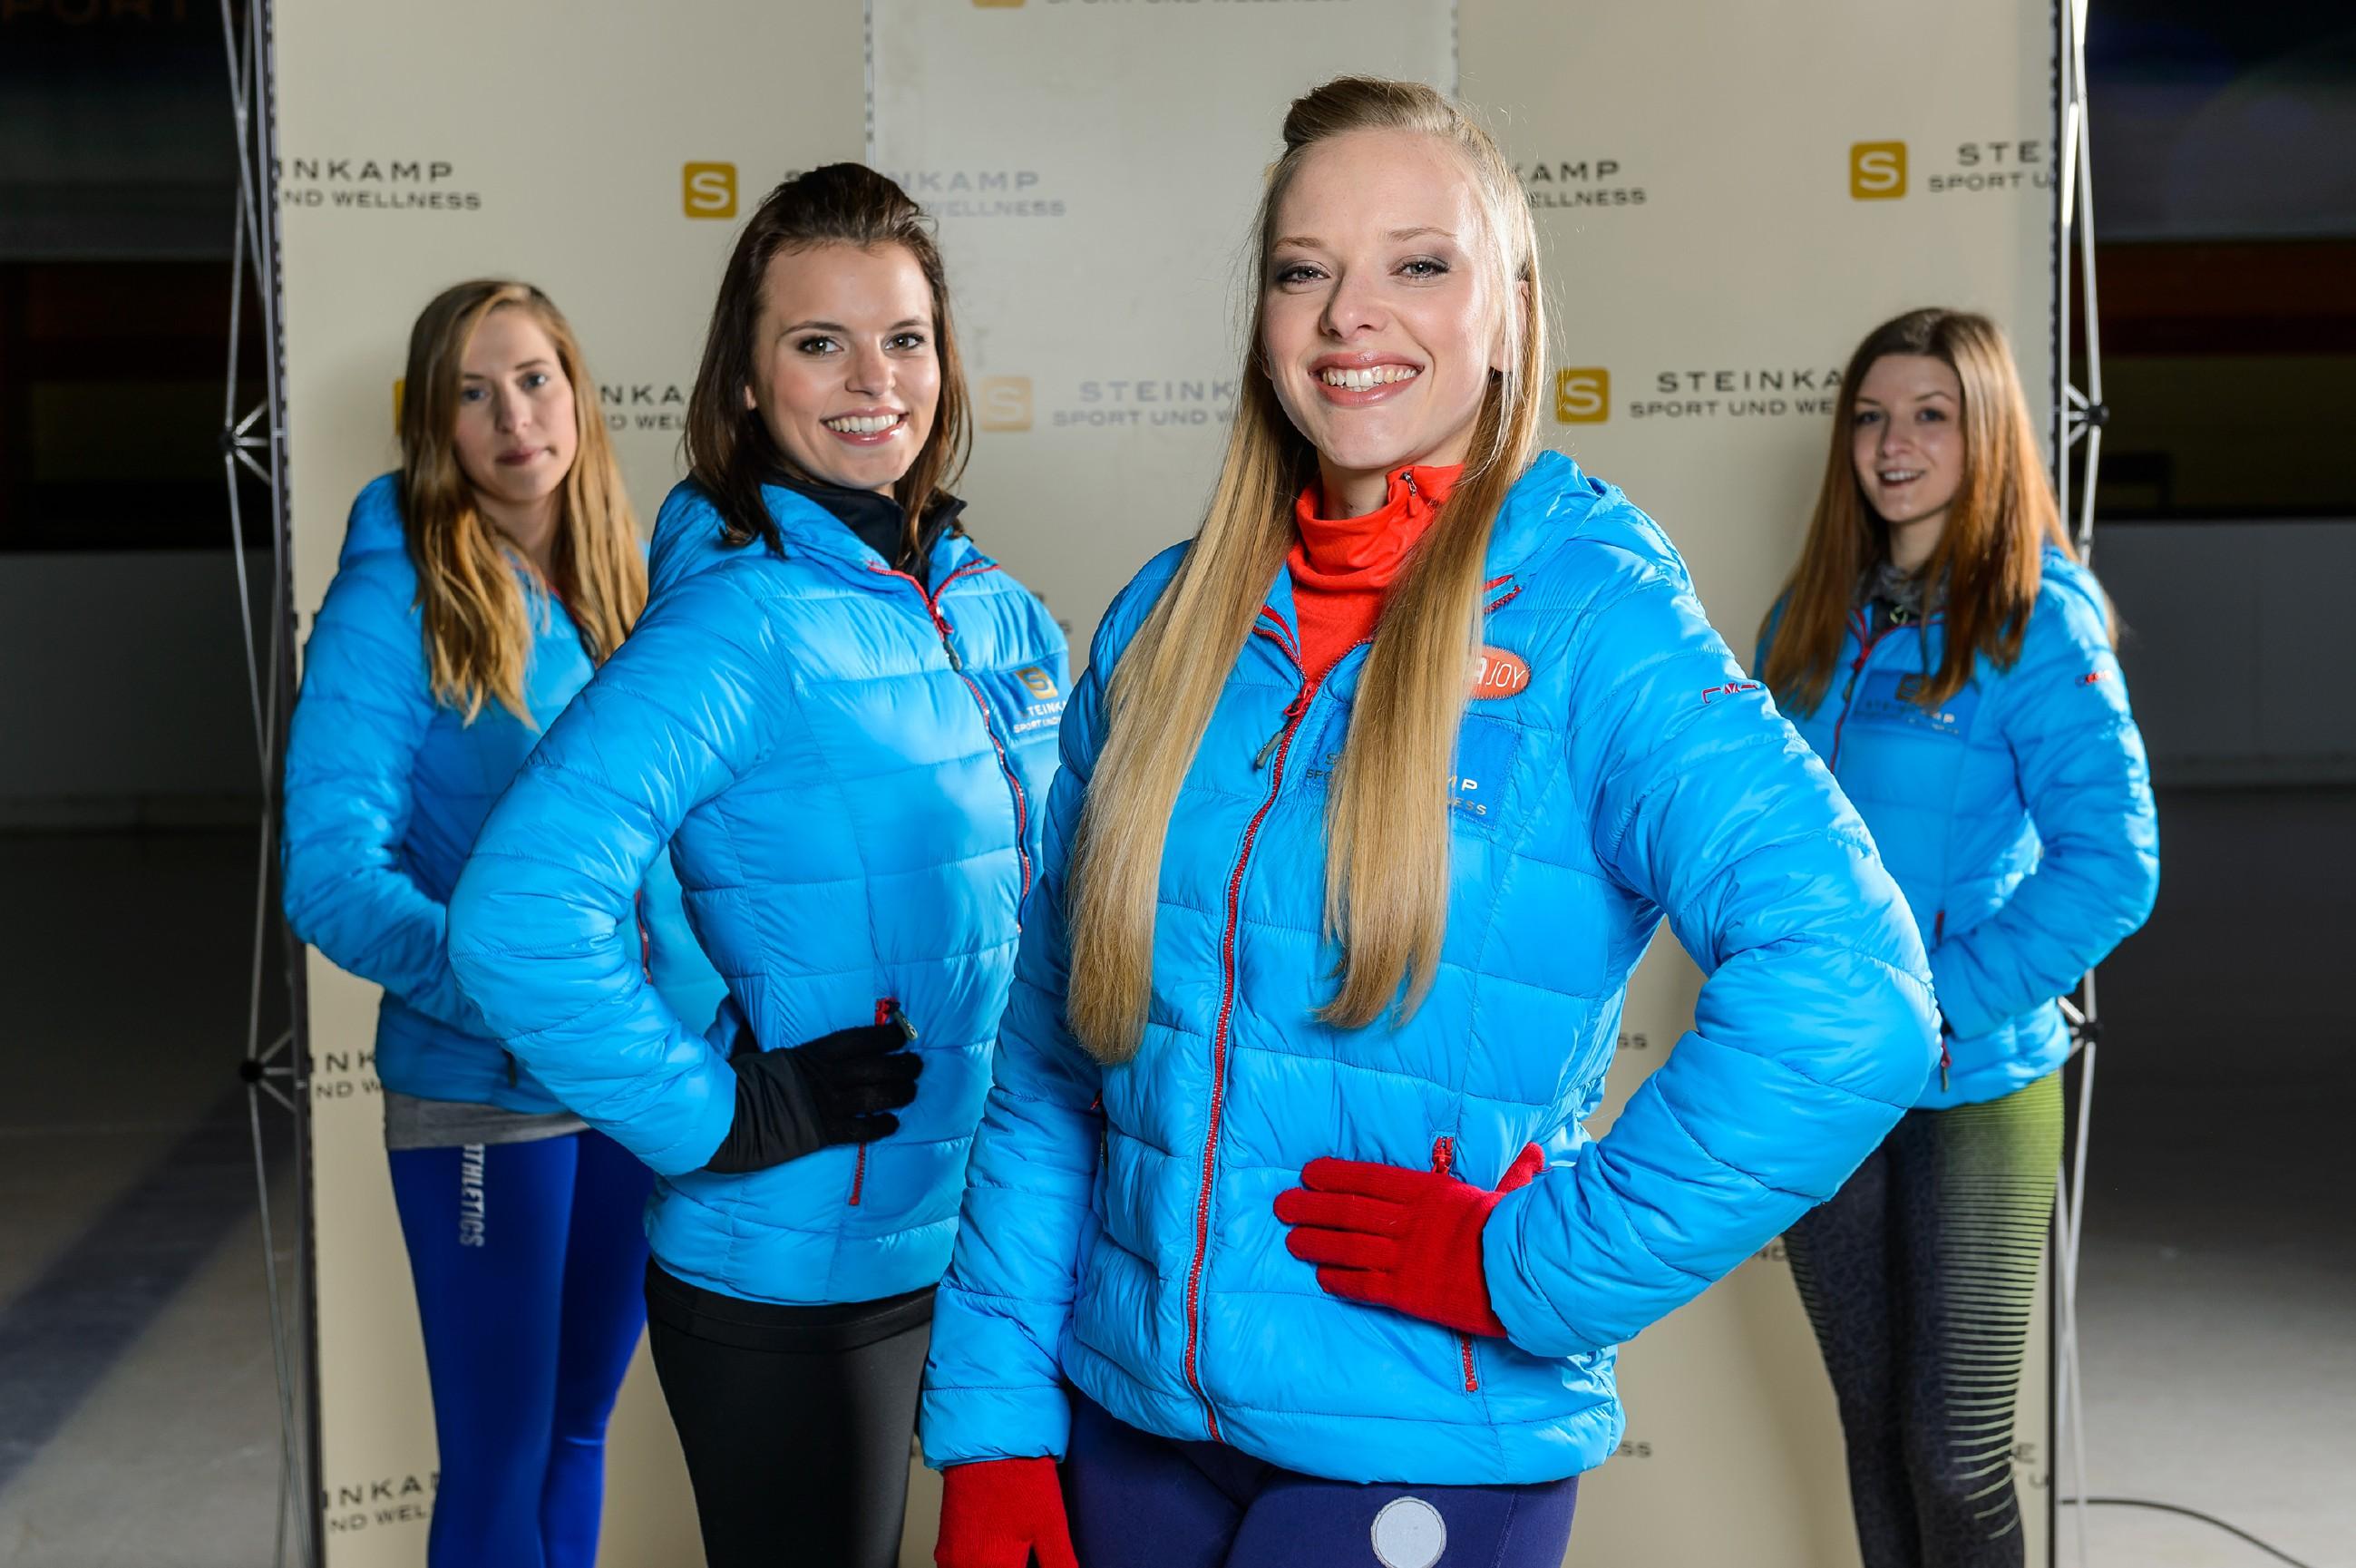 Bei einem Foto-Shooting mit Michelle (Franziska Benz, 2.v.l.) und zwei B-Kader-Läuferinnen (Komparsinnen) lässt sich Marie (Judith Neumann, 2.v.r.) nicht noch einmal von Michelle provozieren. (Quelle: RTL / Willi Weber)